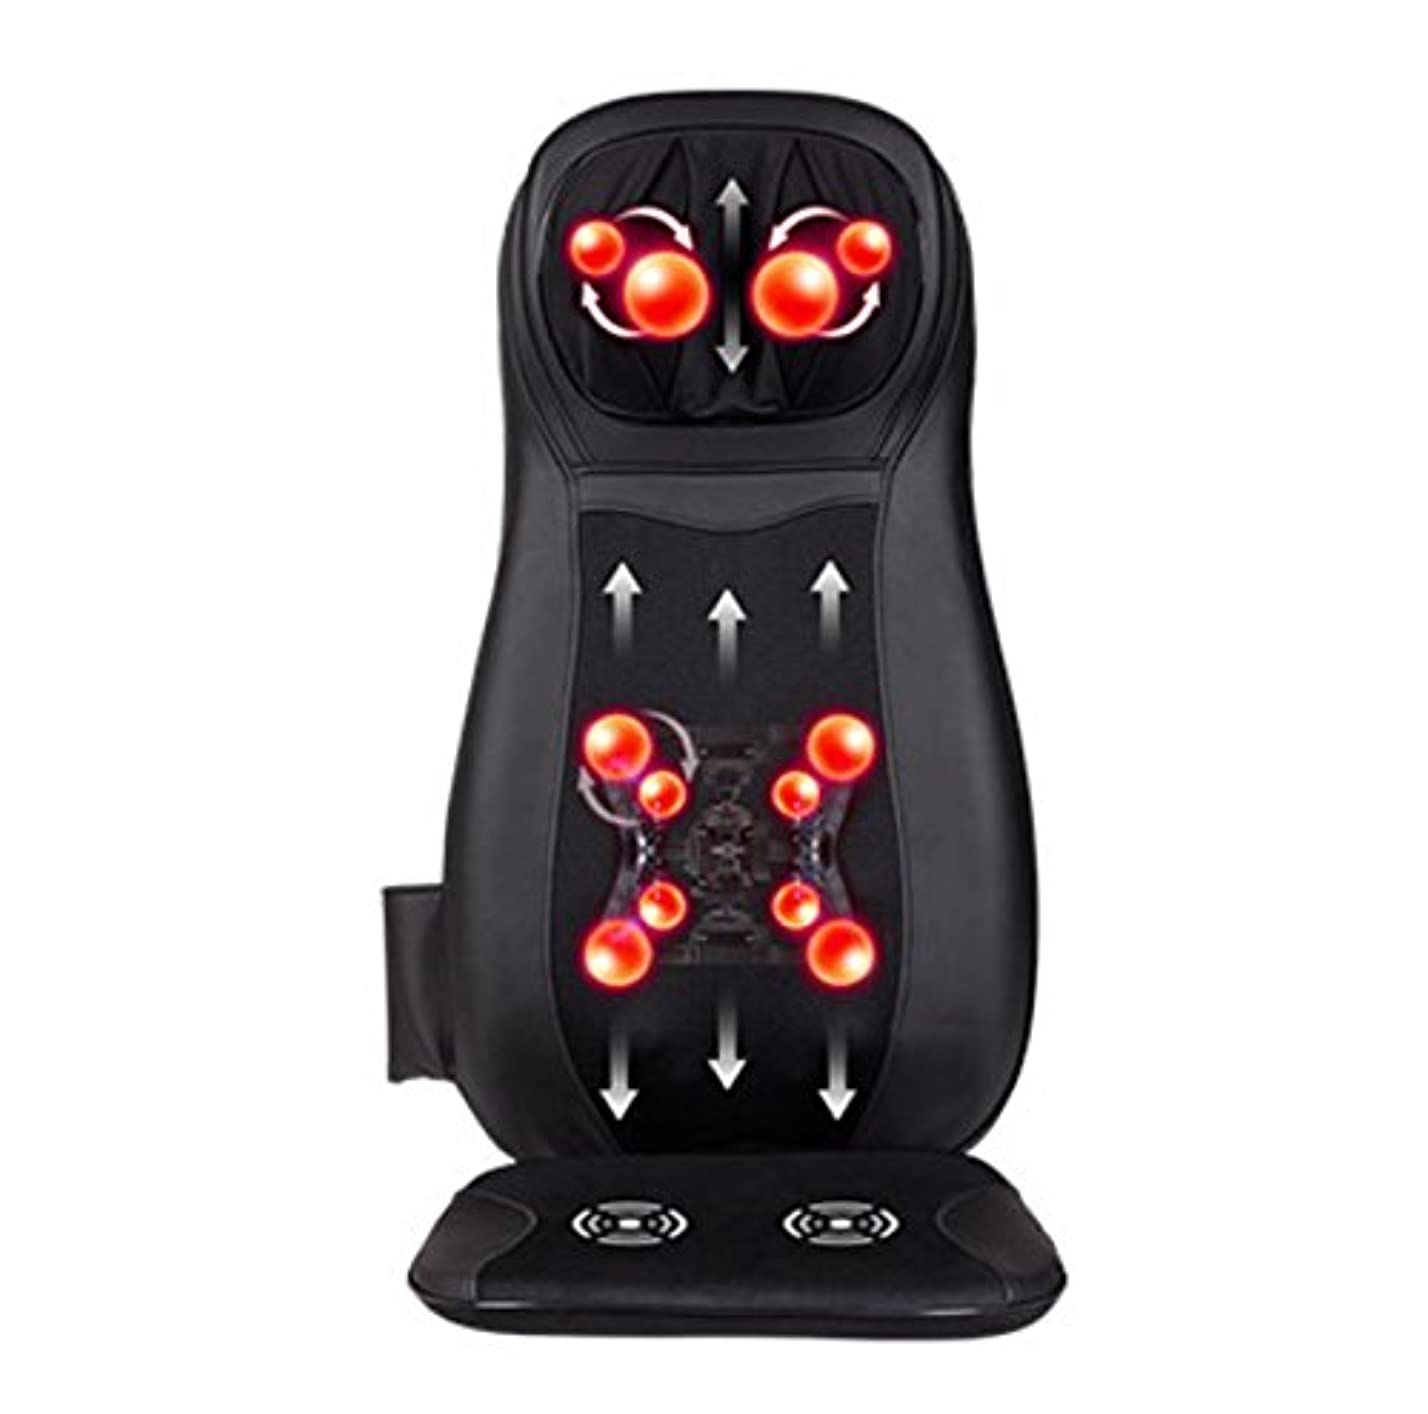 全身用の電気クッションマッサージ器、多機能4 in 1 12V 48Wユニバーサルカーと家庭用ダブルシースと洗濯可能